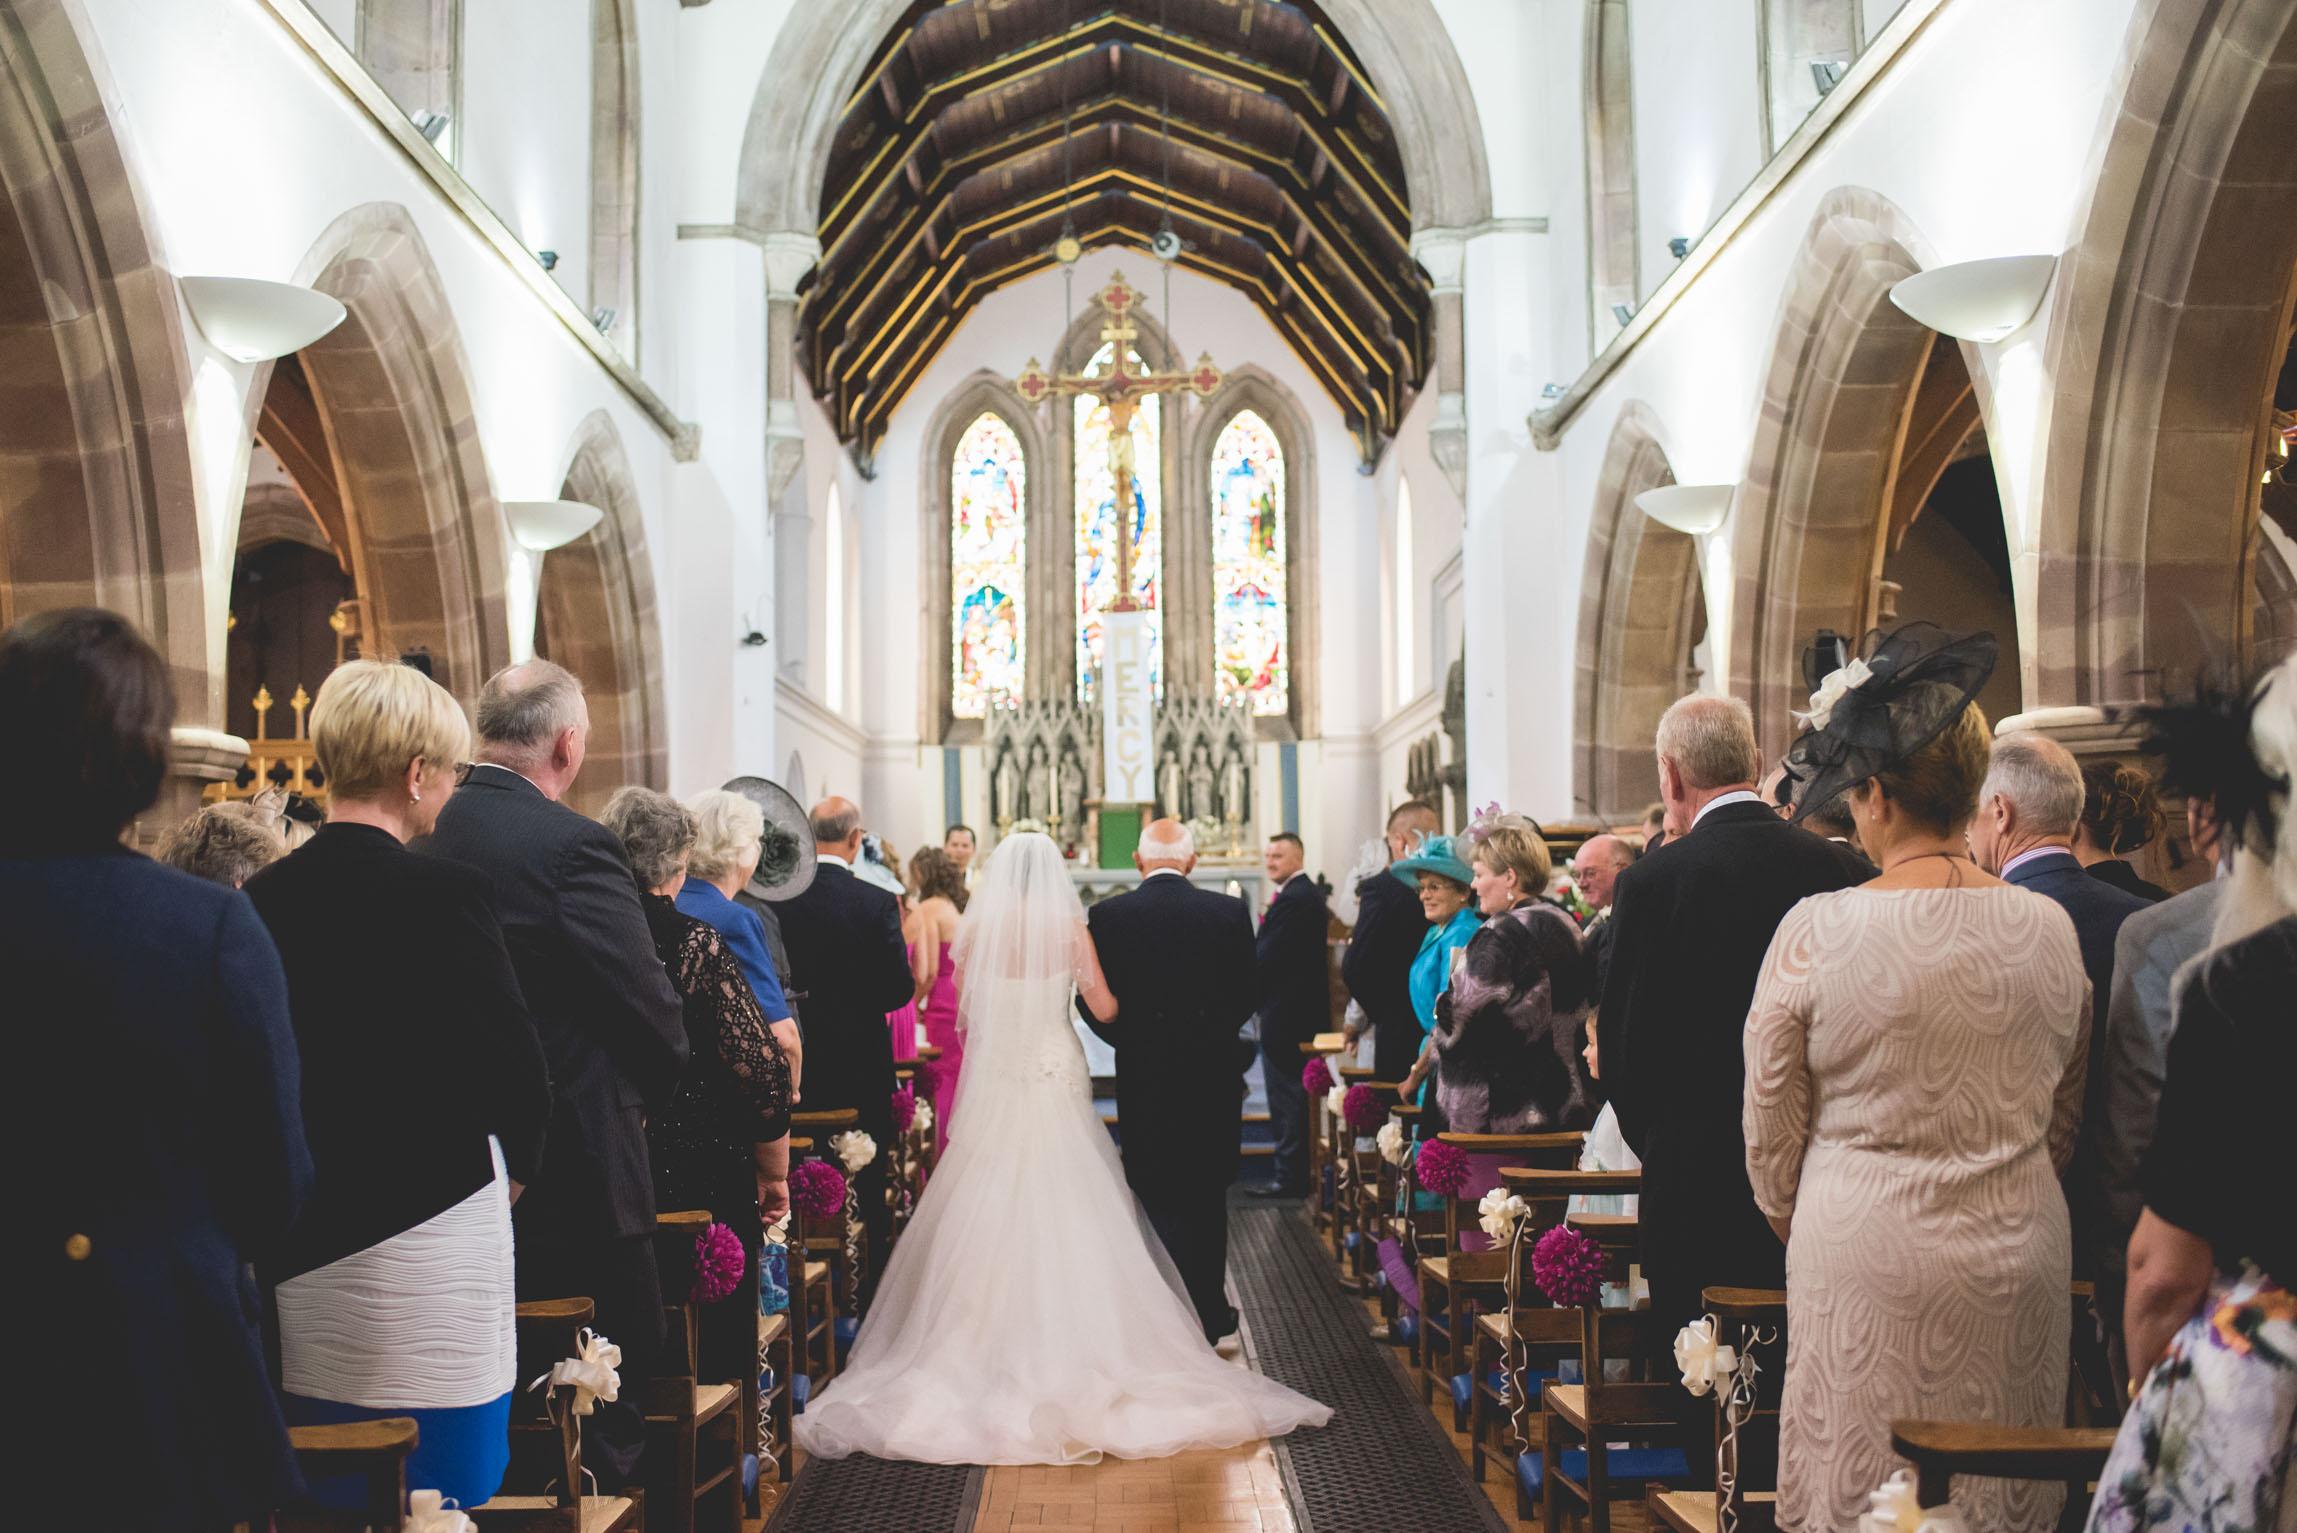 Farm-wedding-staffordshire-st-marys-catholic-church-uttoxter-24.jpg